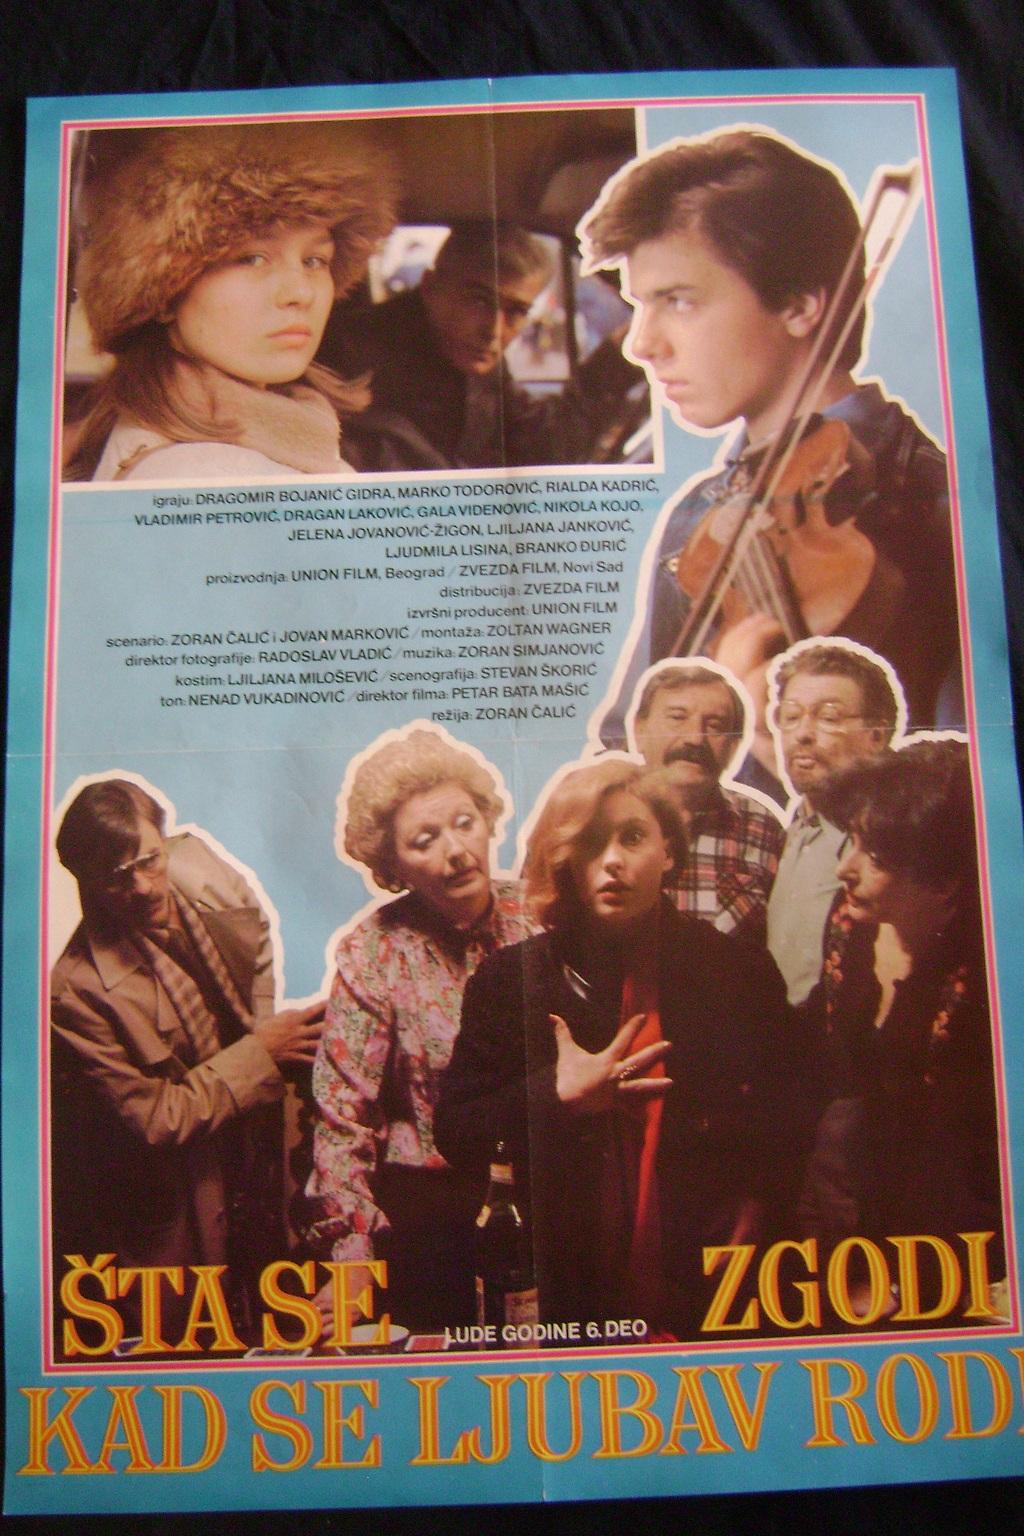 Filmski_poster_ŠTA_SE_ZGODI_KAD_SE_LJUBAV_RODI_1984_1.JPG